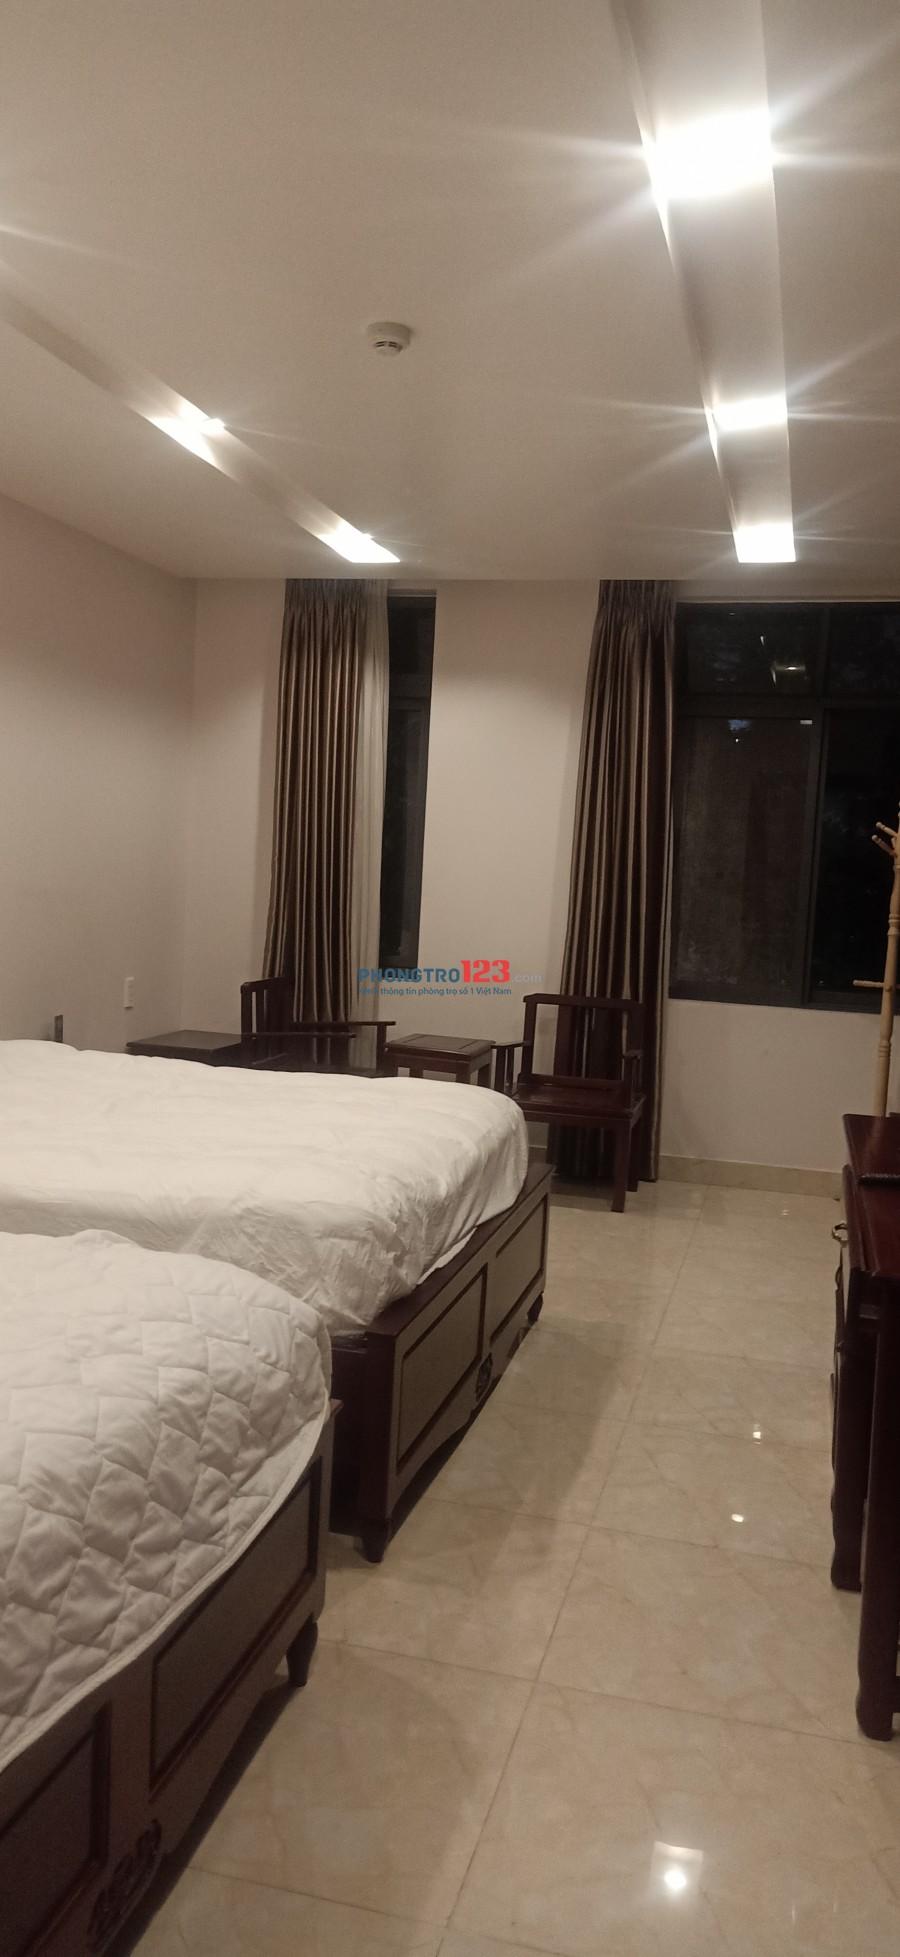 Cho thuê phòng trọ cao cấp tại 22 Phố Lê Văn Thiêm, Phường Tân Phong khu Phú Mỹ Hưng Quận 7 giá tốt nhất